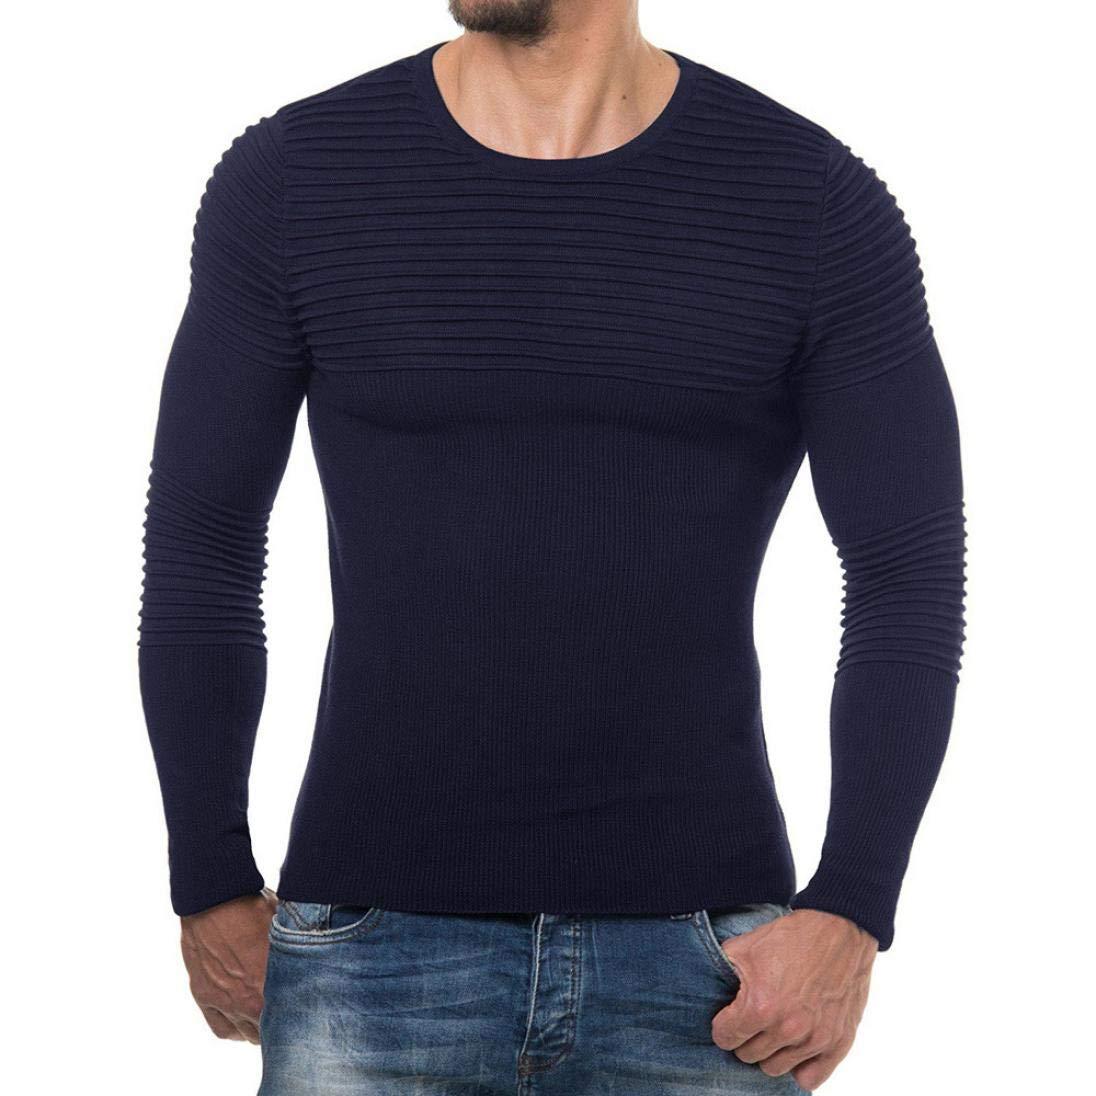 Camisa Hombre,Camiseta de Manga Larga Camisa con Cuello en O para Hombre de otoño Invierno Camiseta de Rayas Casuales para Invierno otoño 2018 Tops Blusa ...